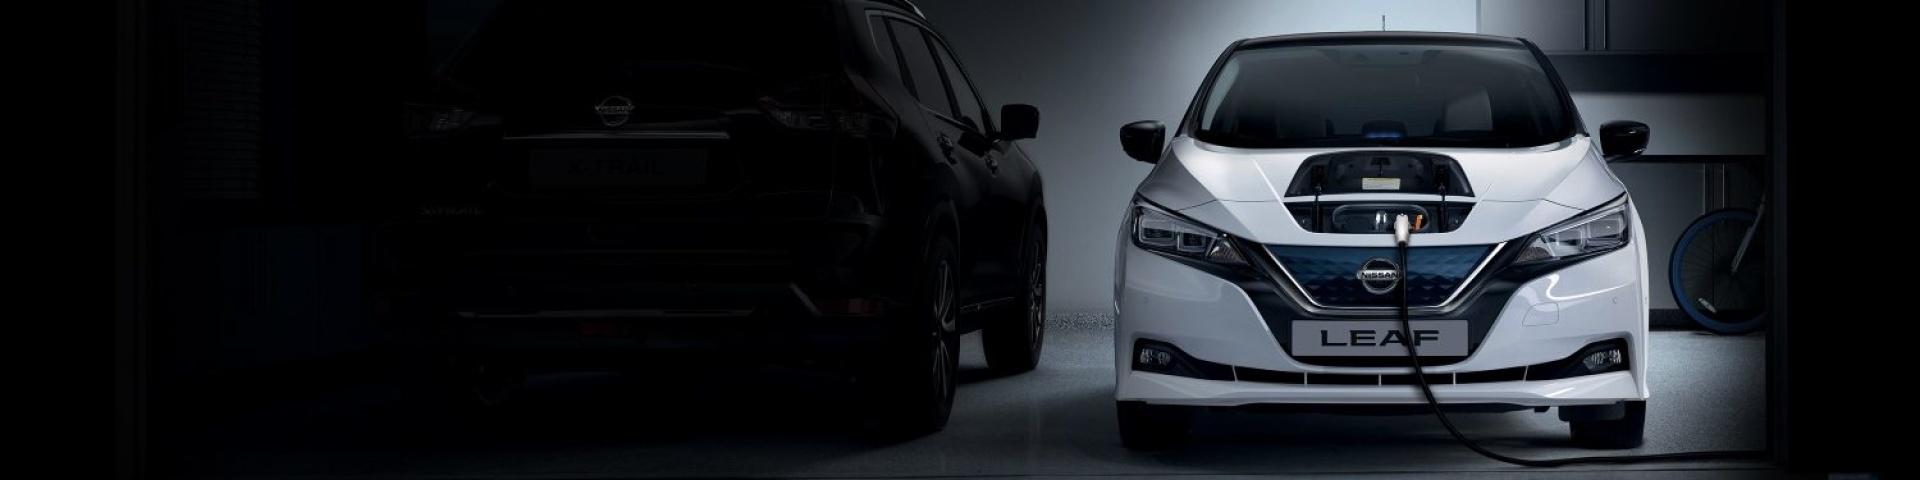 Nissan personenauto's-Leaf-banner